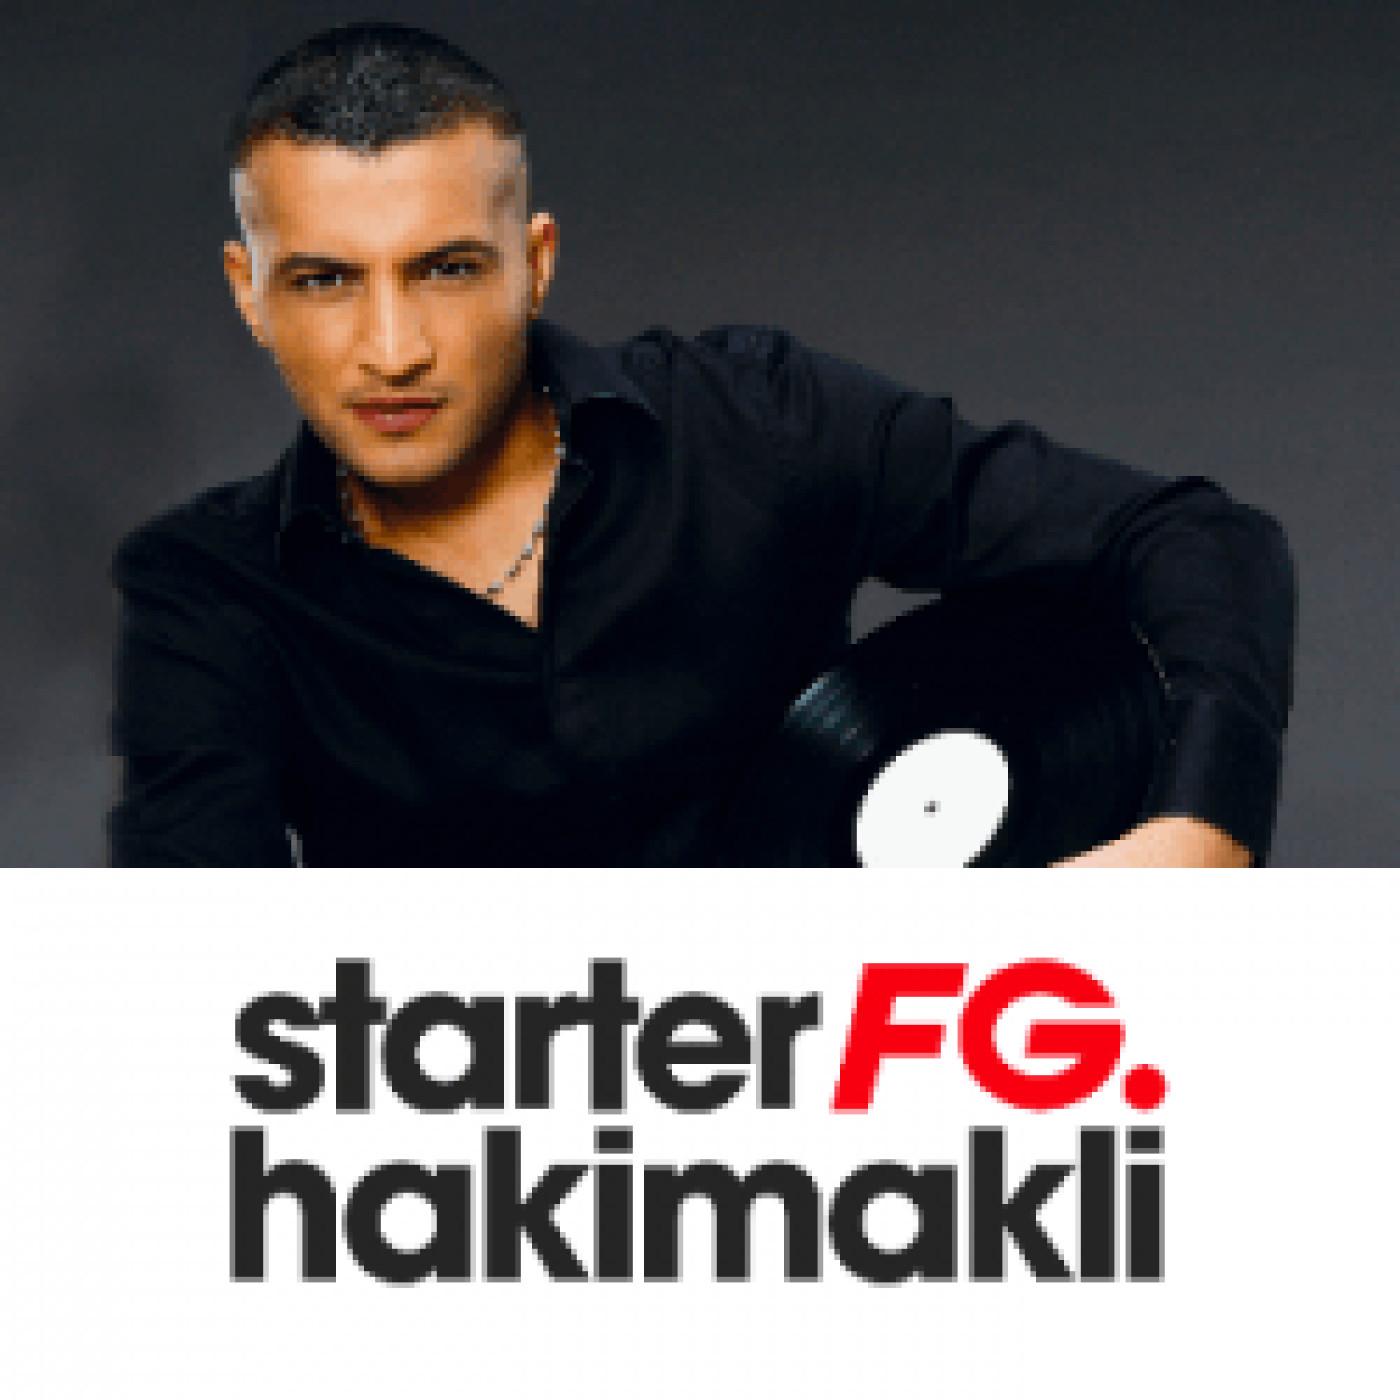 STARTER FG BY HAKIMAKLI LUNDI 19 OCTOBRE 2020